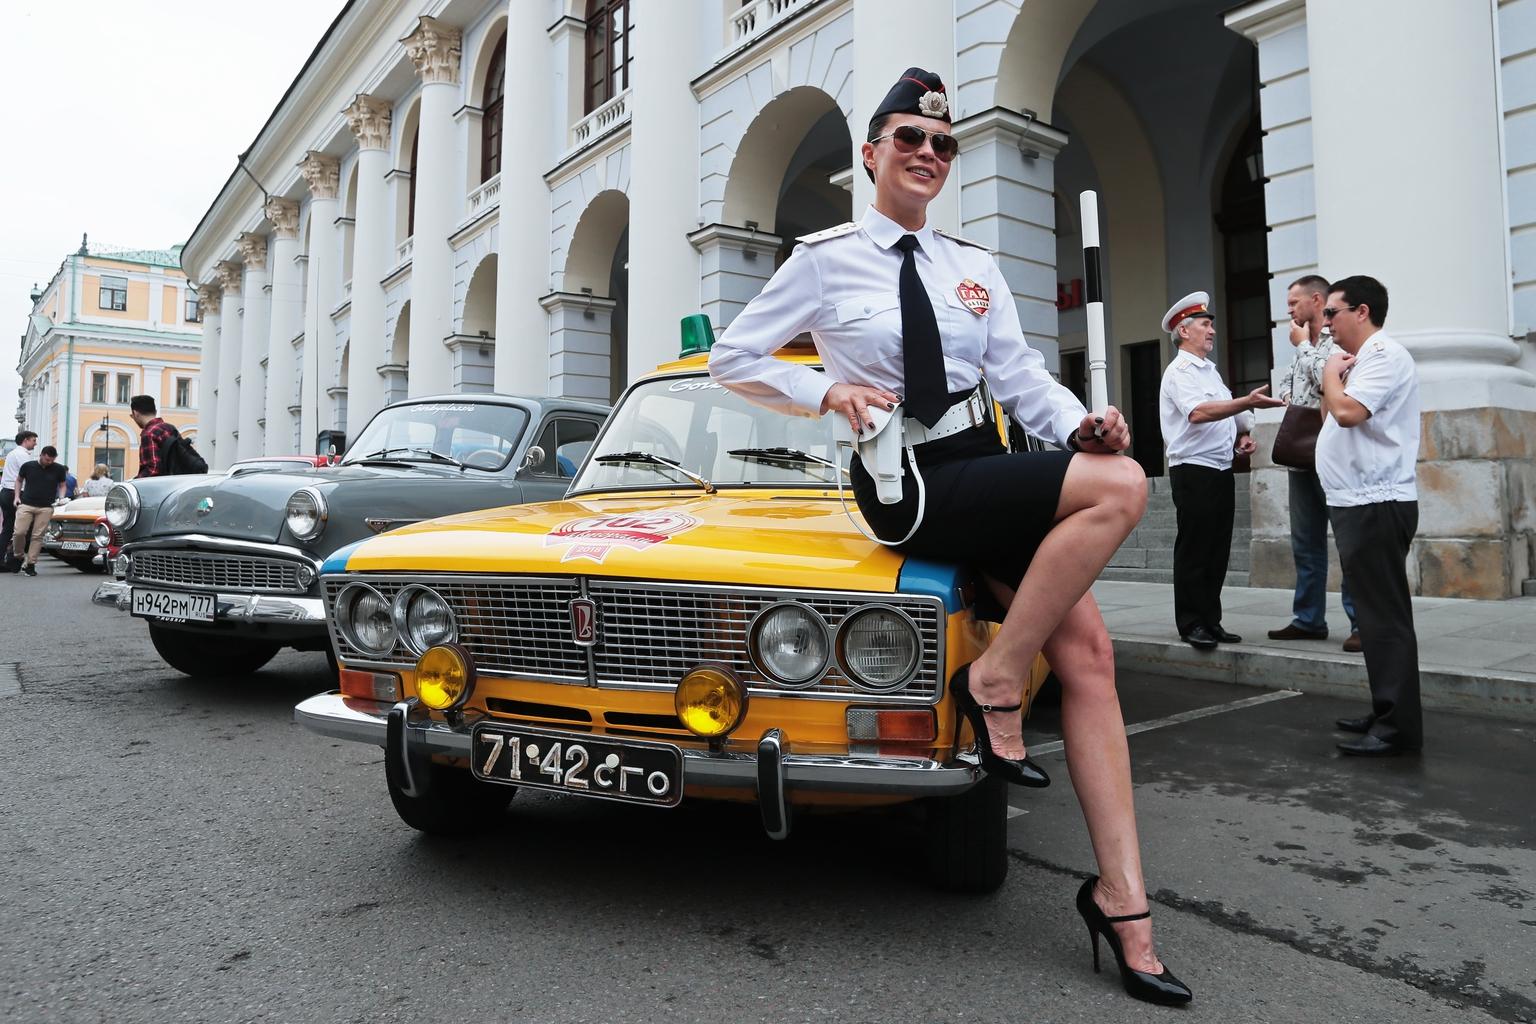 Lada 2103-as modellen pózoló modell Moszkvában #moszkvater